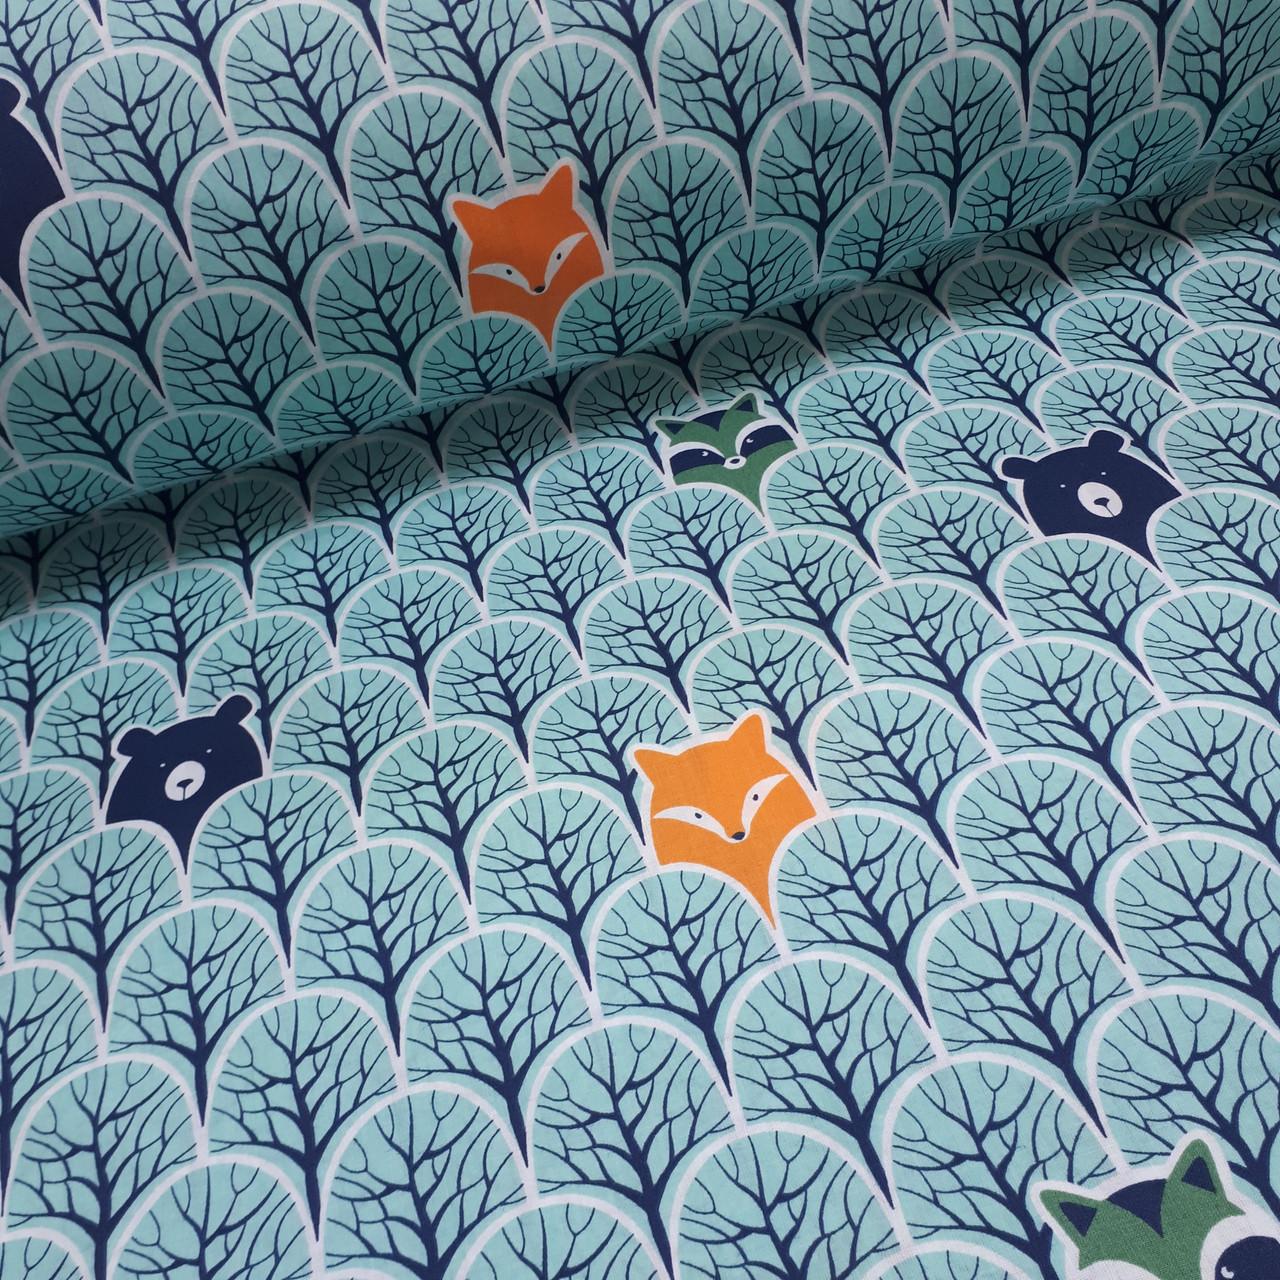 Ткань польская бязь, лисы оранжевые и мишки темно-синие в бирюзовом лесу